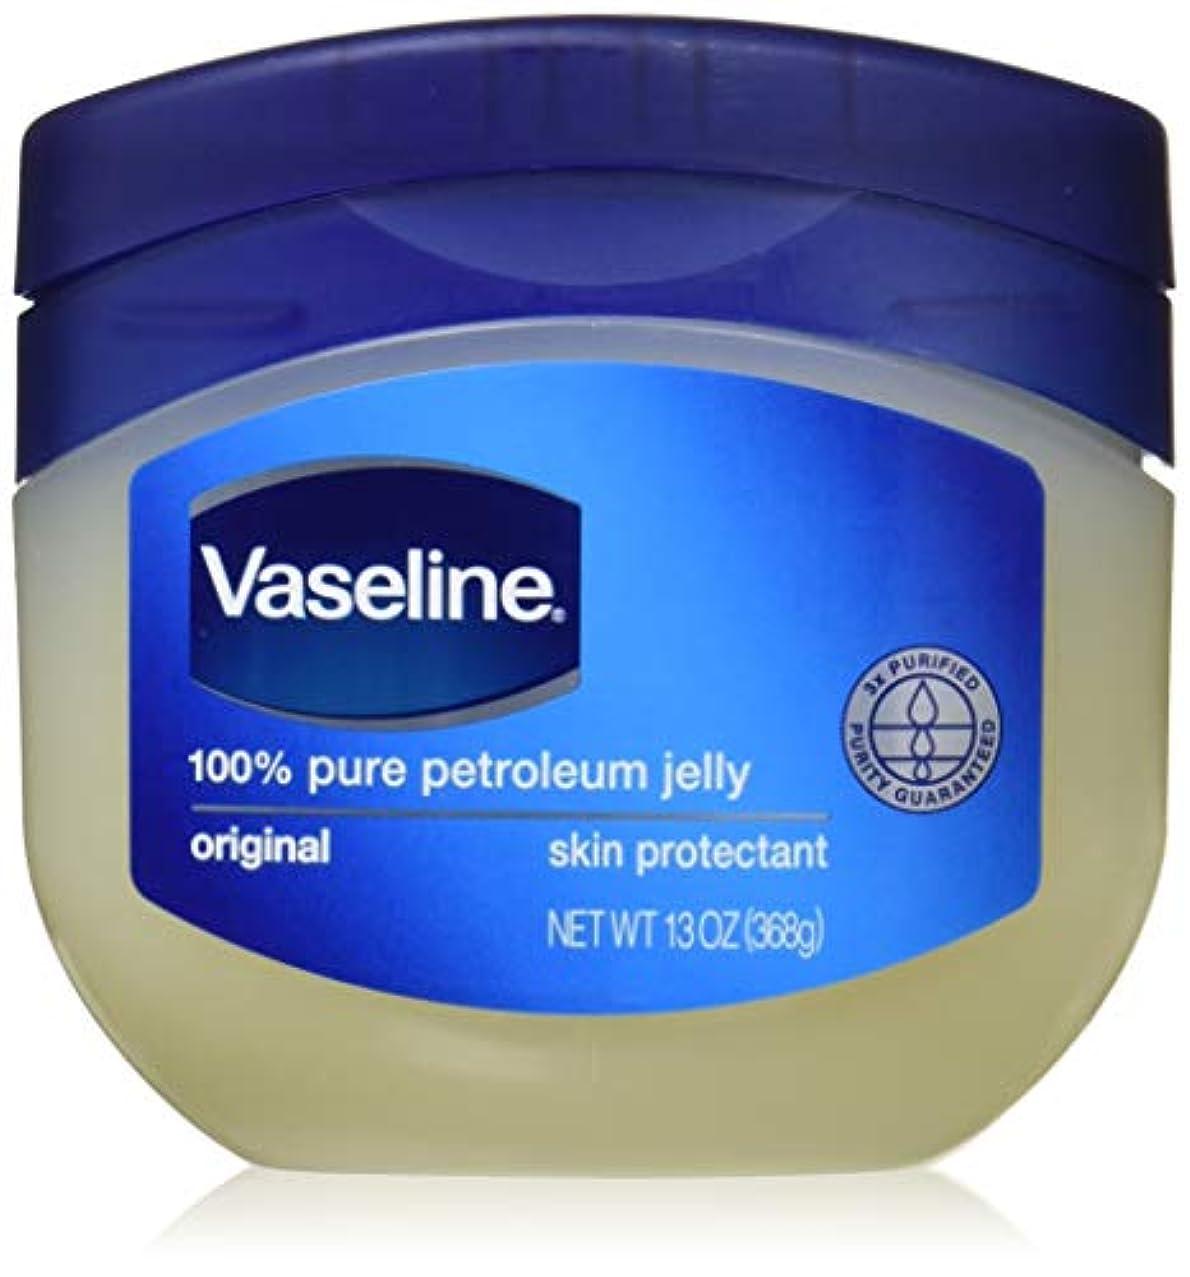 薬剤師廃棄する拘束するヴァセリン 天然保湿スキンオイル 368 g X 2